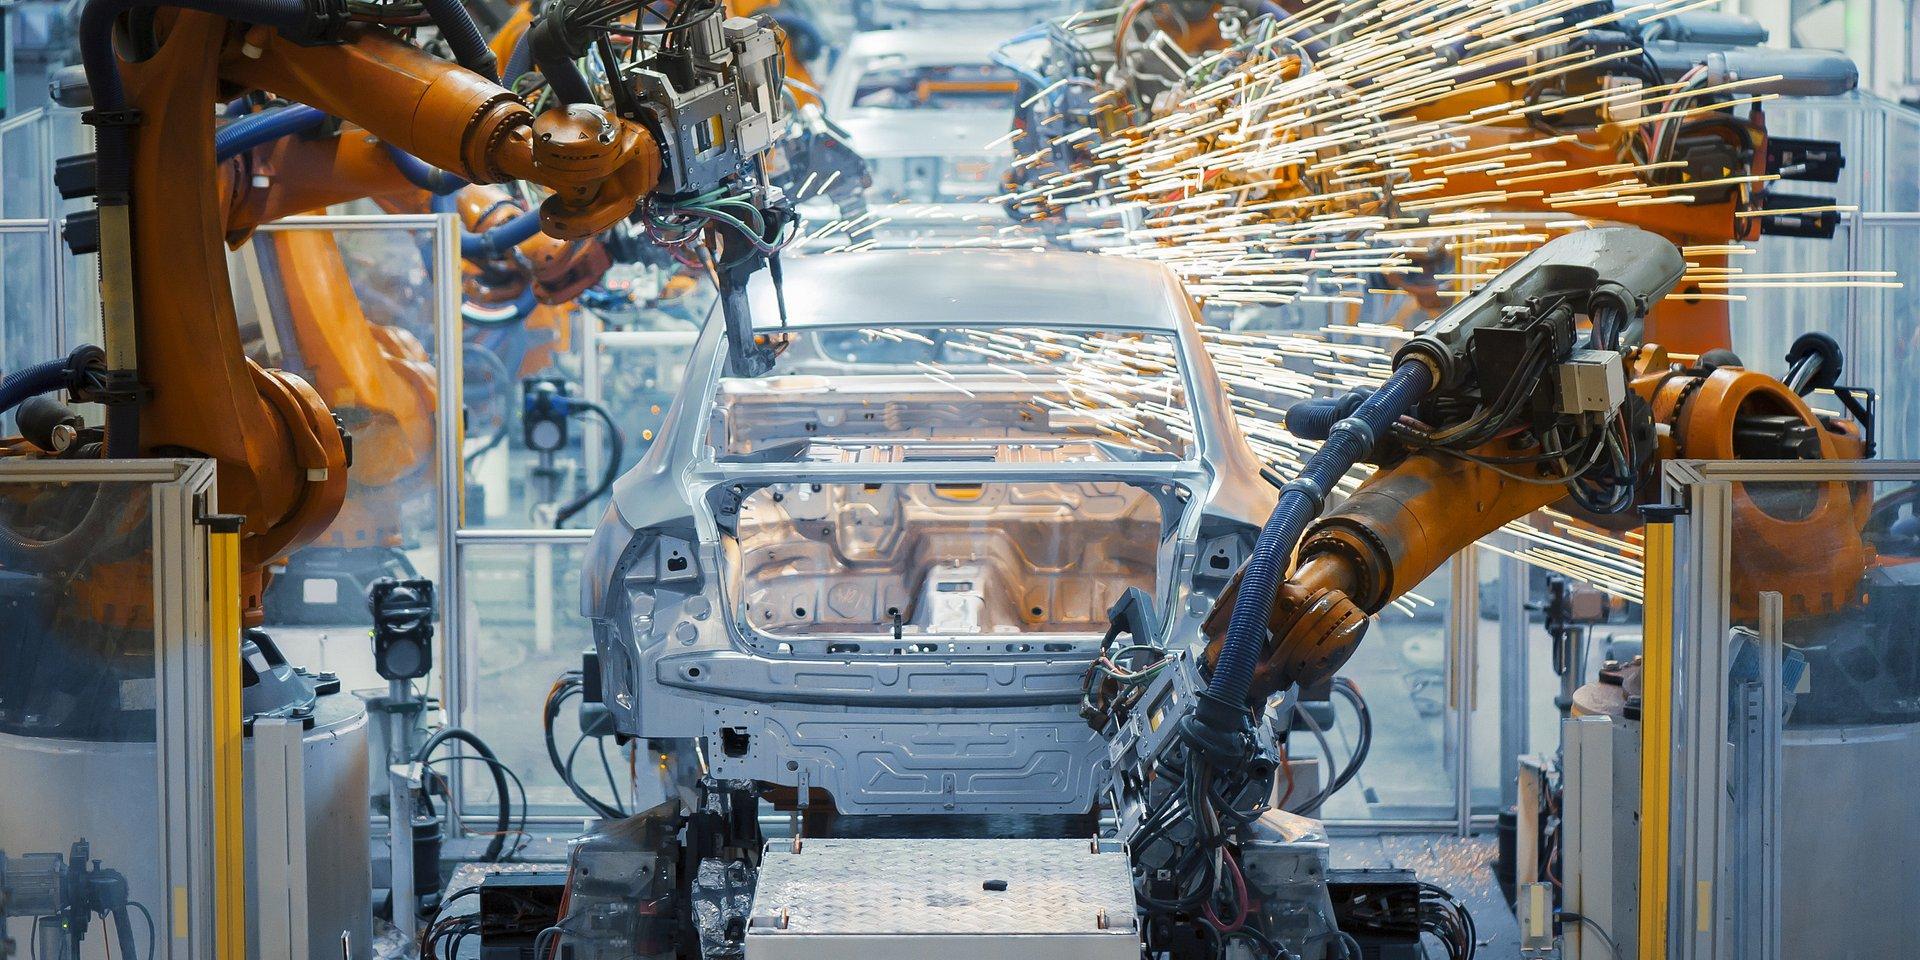 Bezpieczeństwo robotów przemysłowych- cykl seminariów we współpracy z Mitsubishi Electric- Relacja po pierwszym spotkaniu